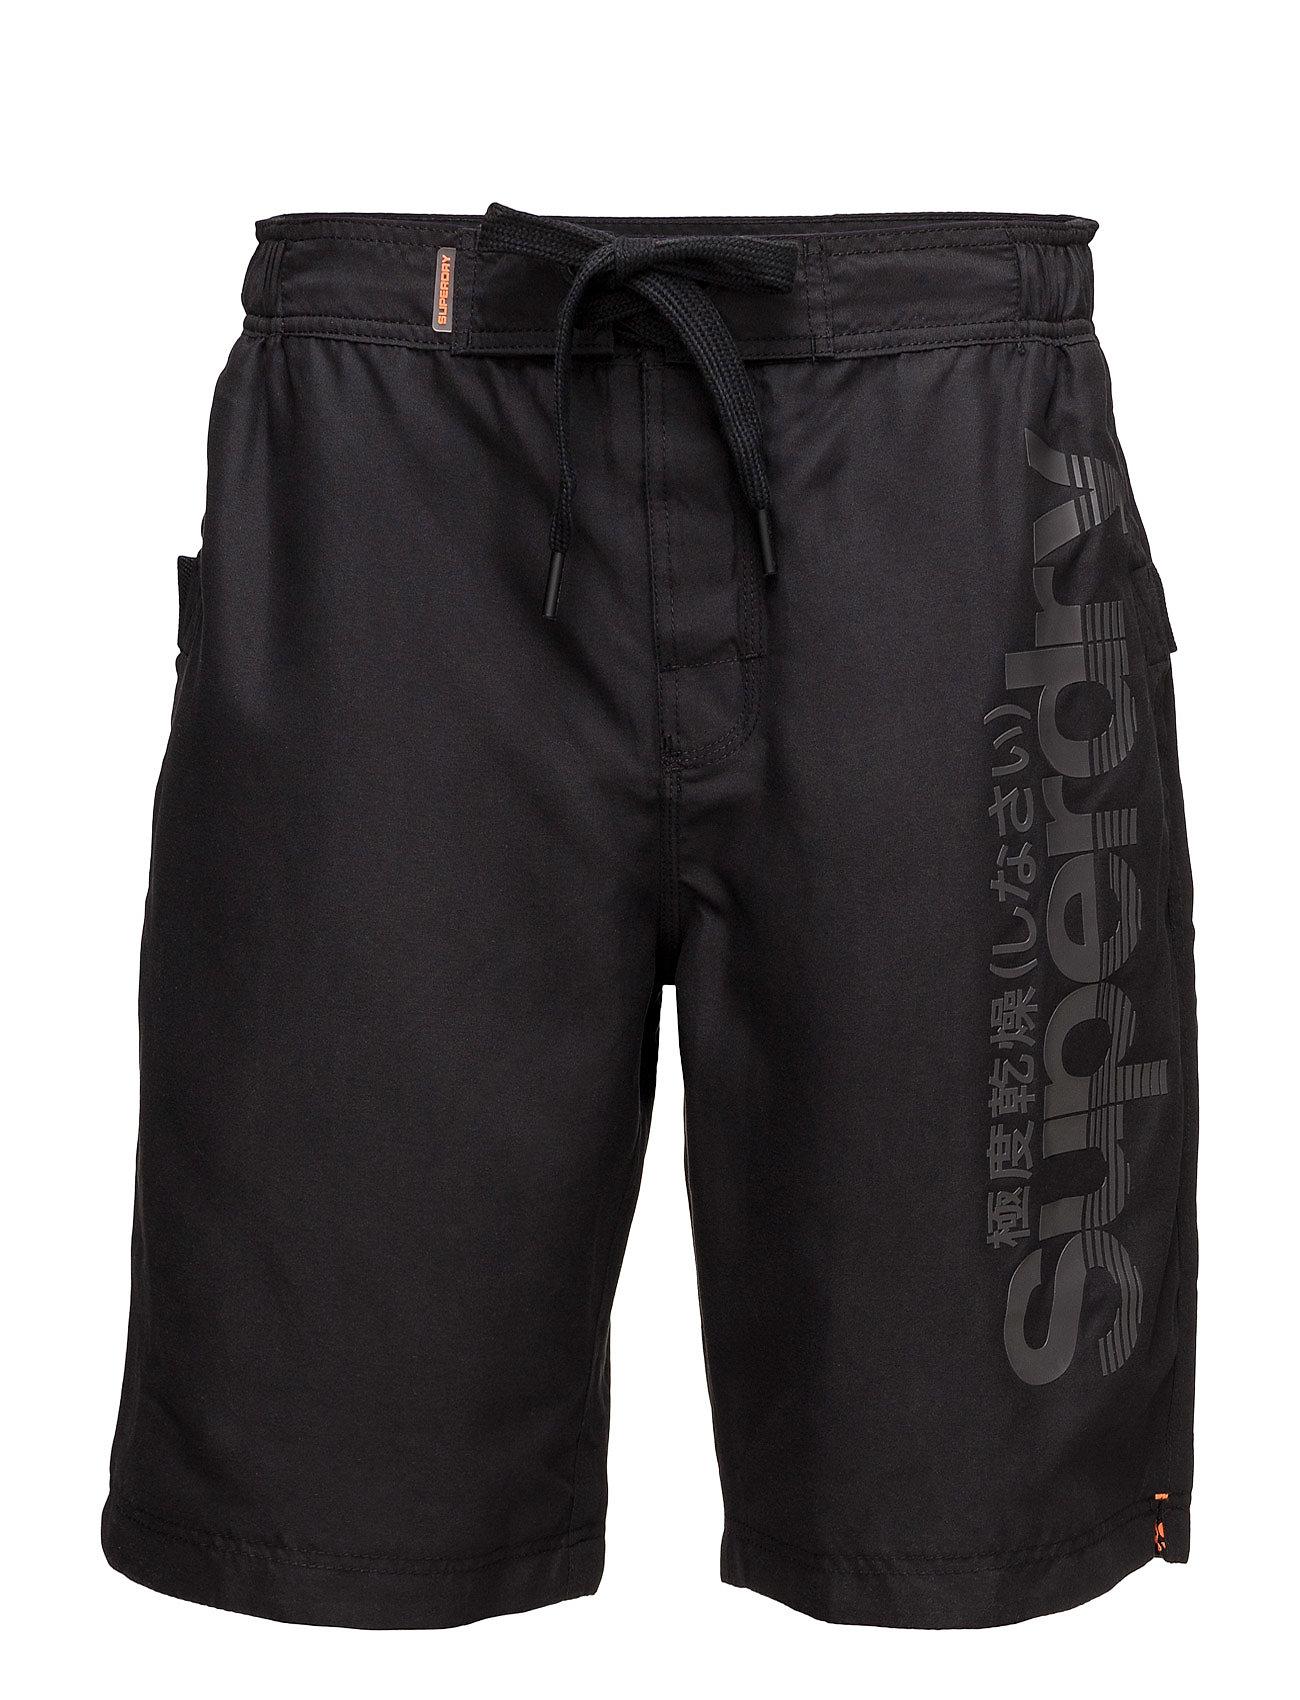 Superdry Boardshort Superdry Shorts til Herrer i Sort